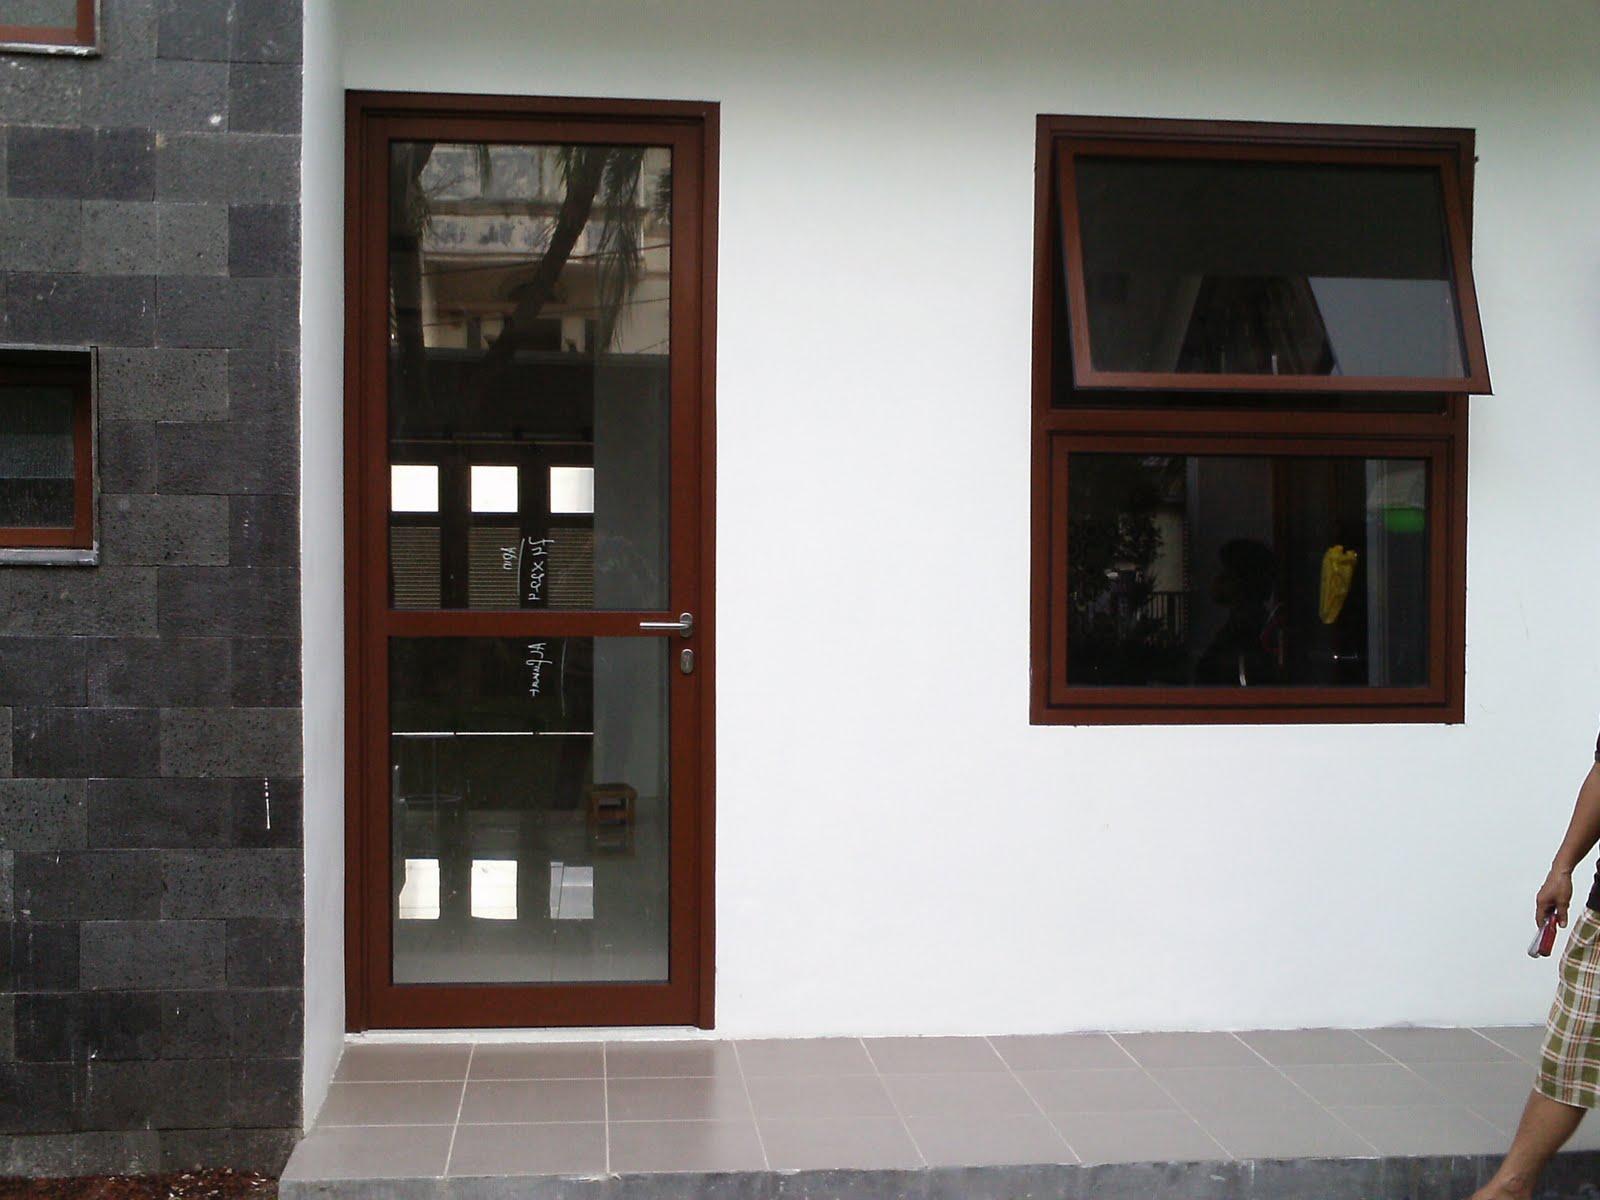 Khung cửa nhôm nhà tối giản